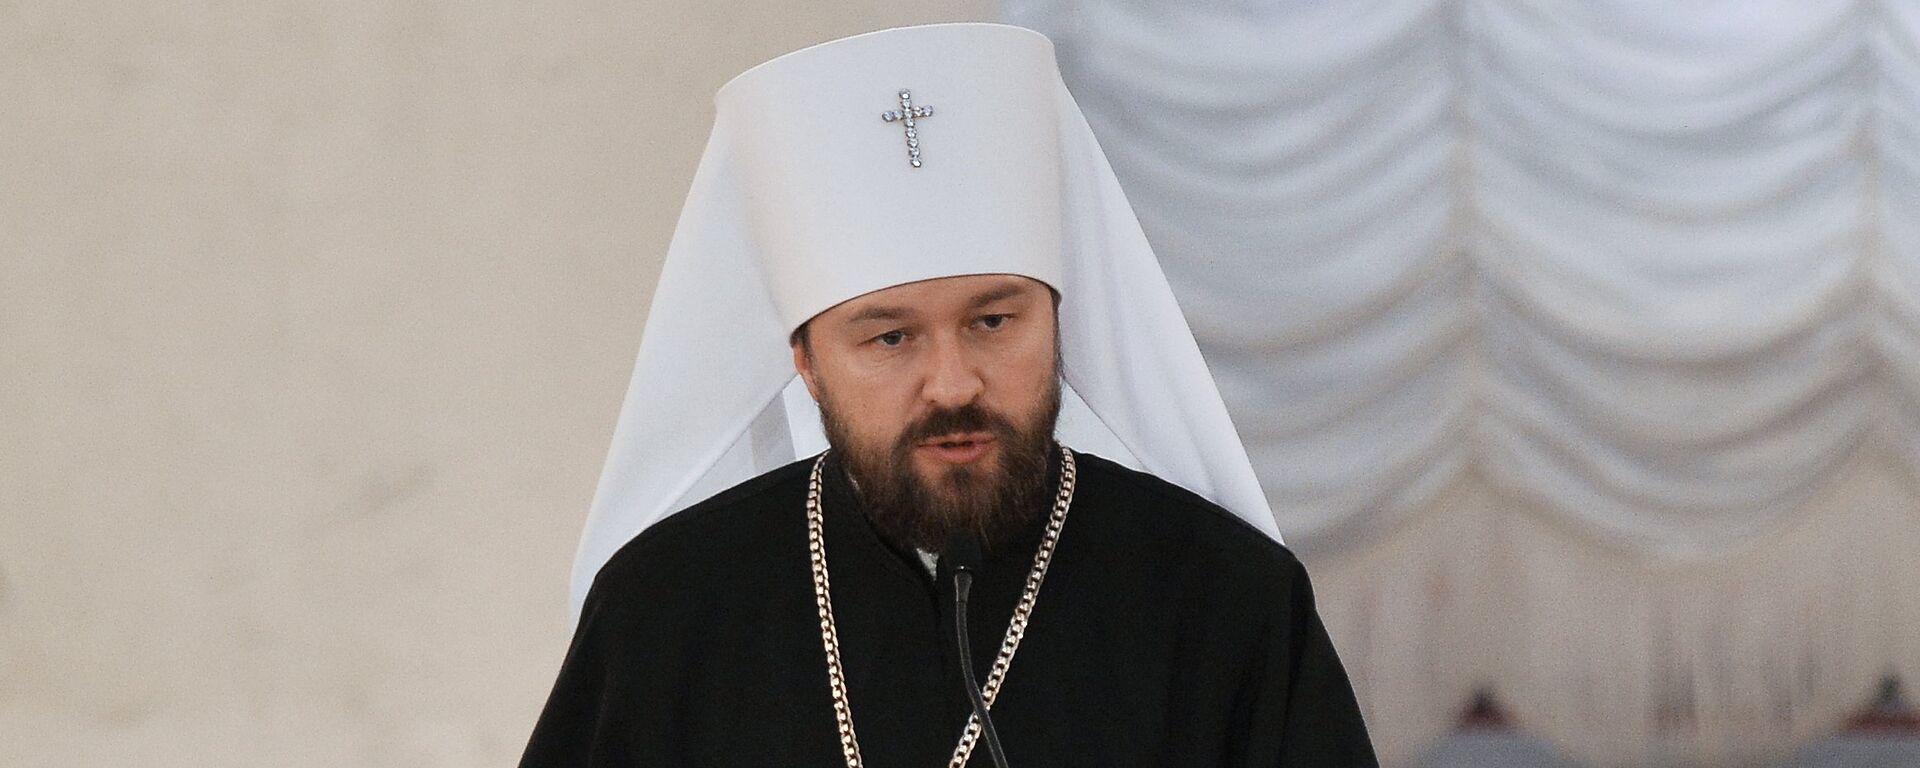 Ο Μητροπολίτης Ιλαρίων του Βολοκολαμάσκ, επικεφαλής του τμήματος Διεθνών Εκκλησιαστικών Σχέσεων του Πατριαρχείου Μόσχας - Sputnik Ελλάδα, 1920, 28.12.2020